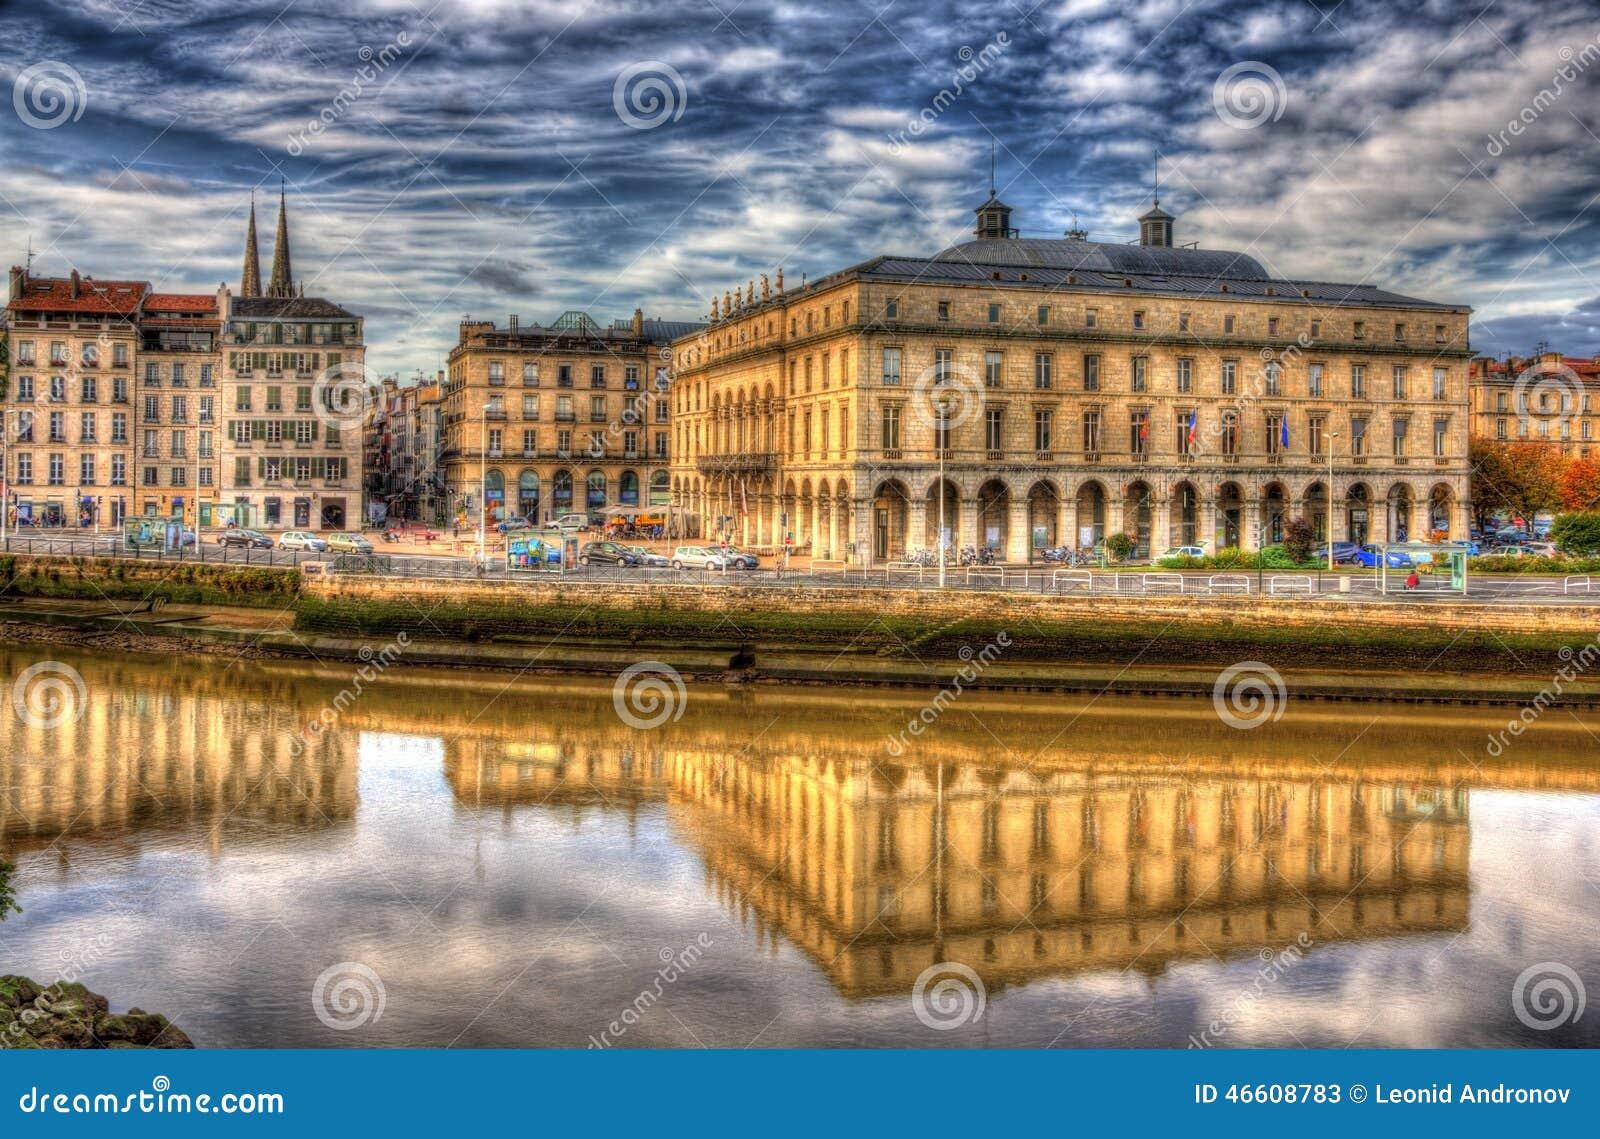 H tel de ville de bayonne france image stock image 46608783 - Piscine haut de bayonne ...